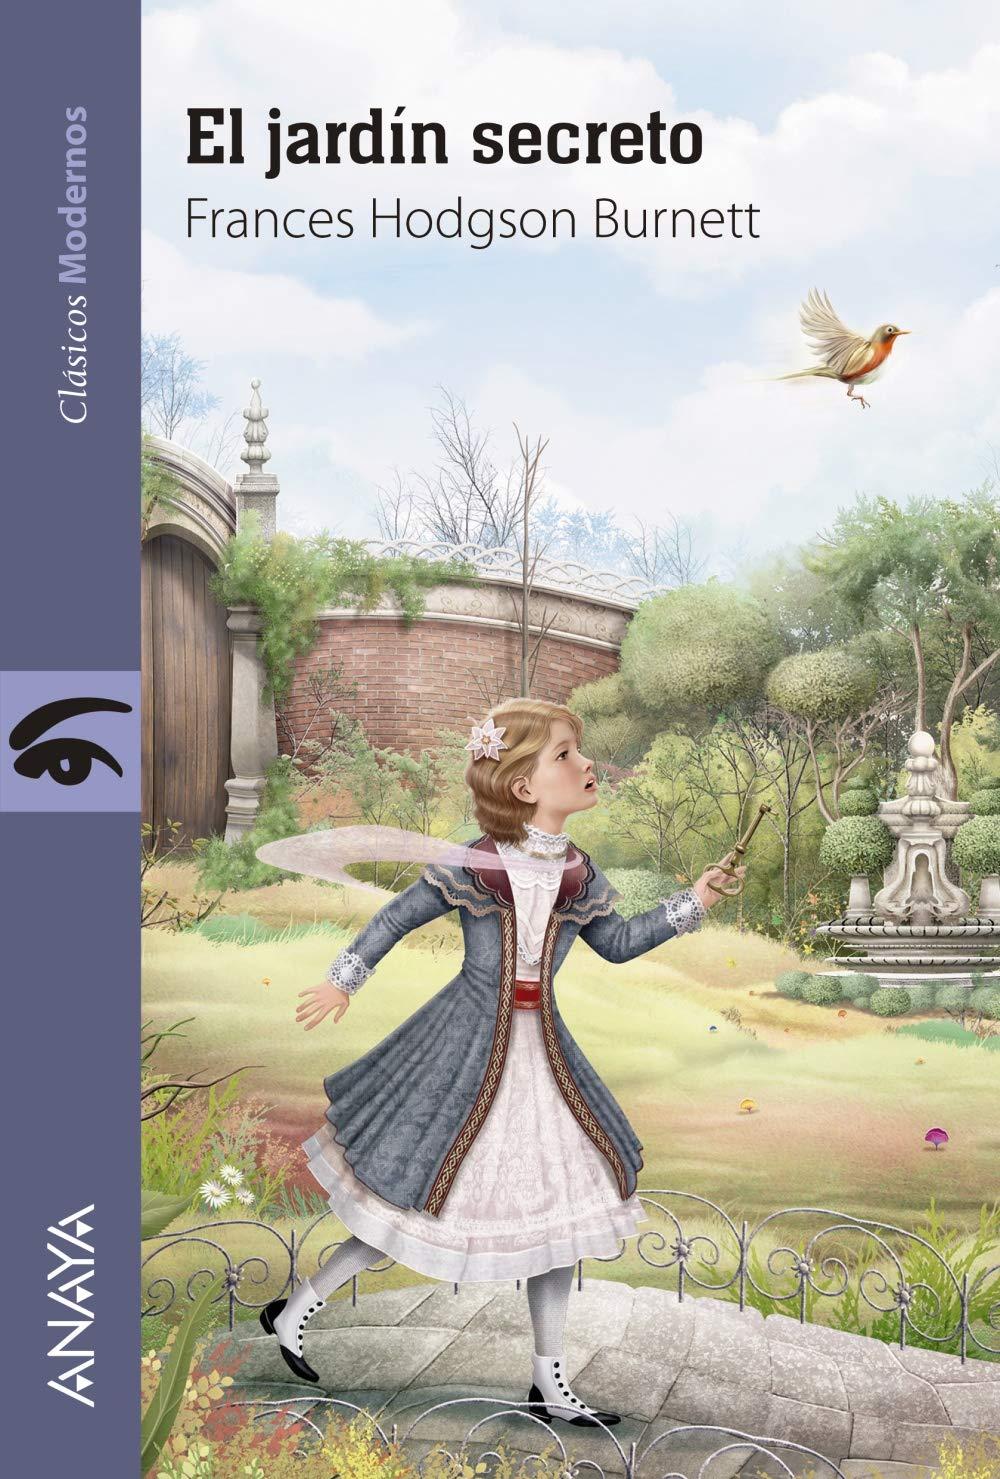 El jardín secreto: Amazon.es: Hodgson Burnett, Frances, Valero, Jaime: Libros